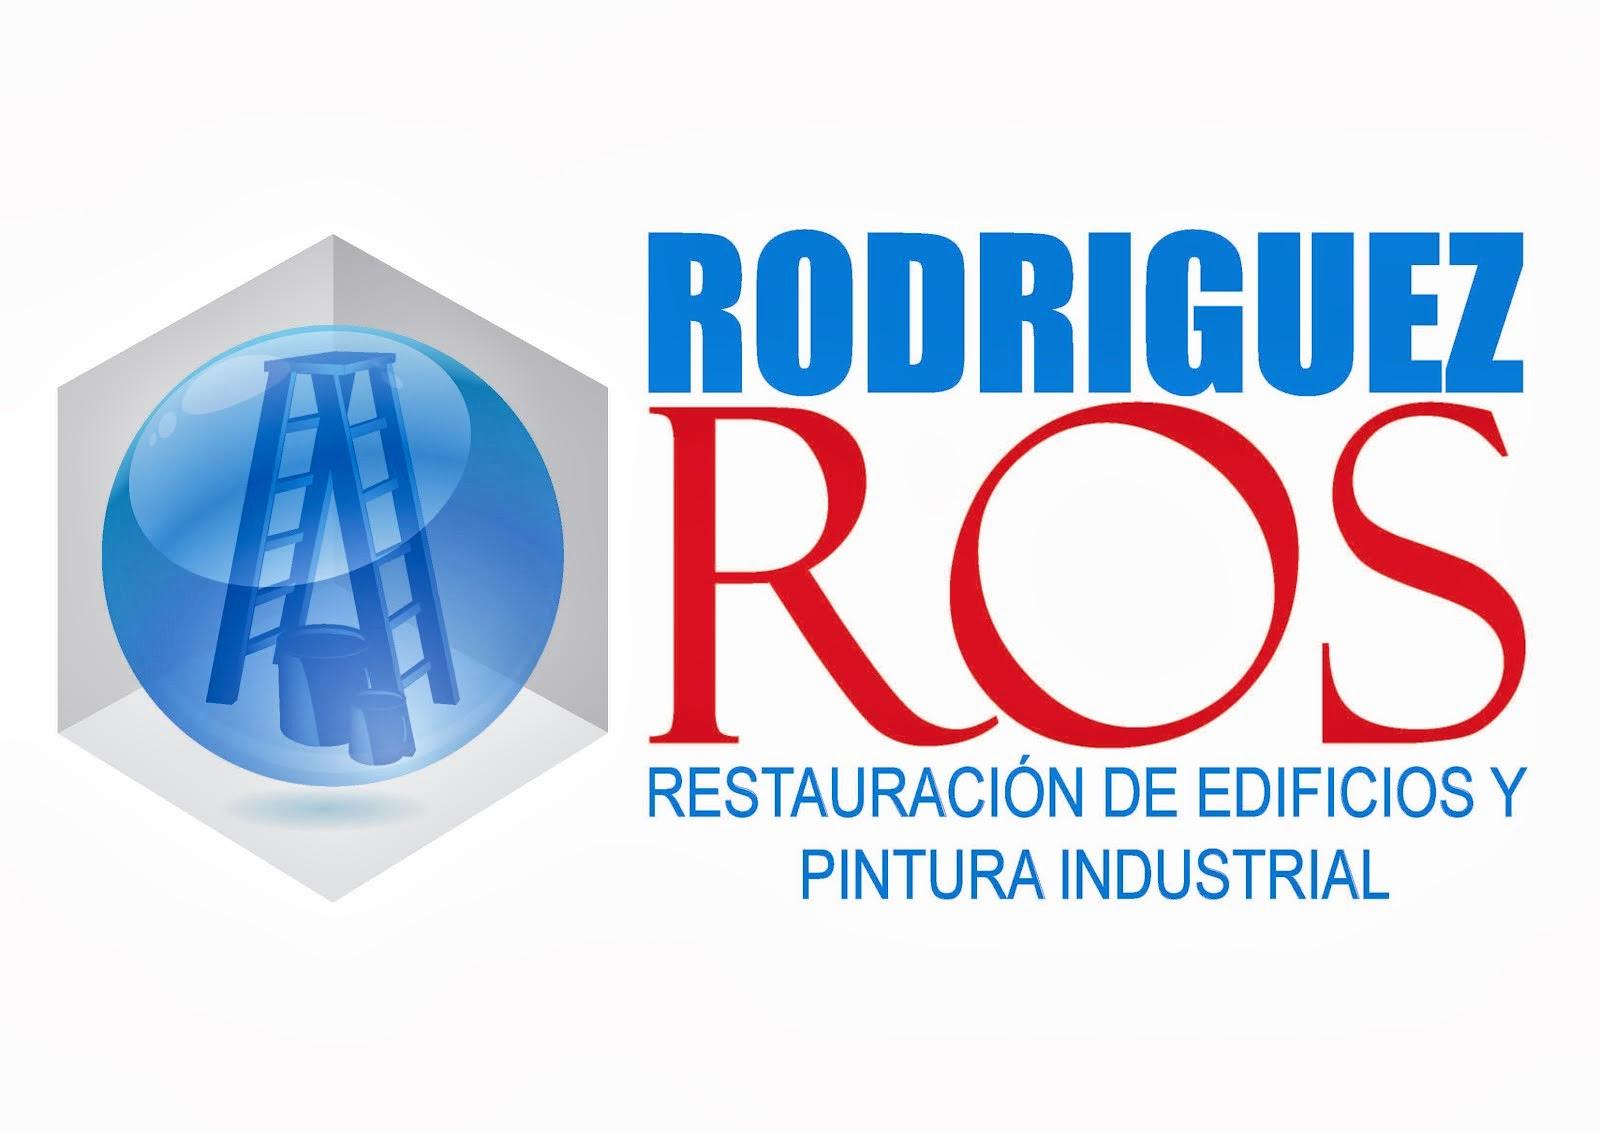 RODRIGUEZ ROS, S.L.